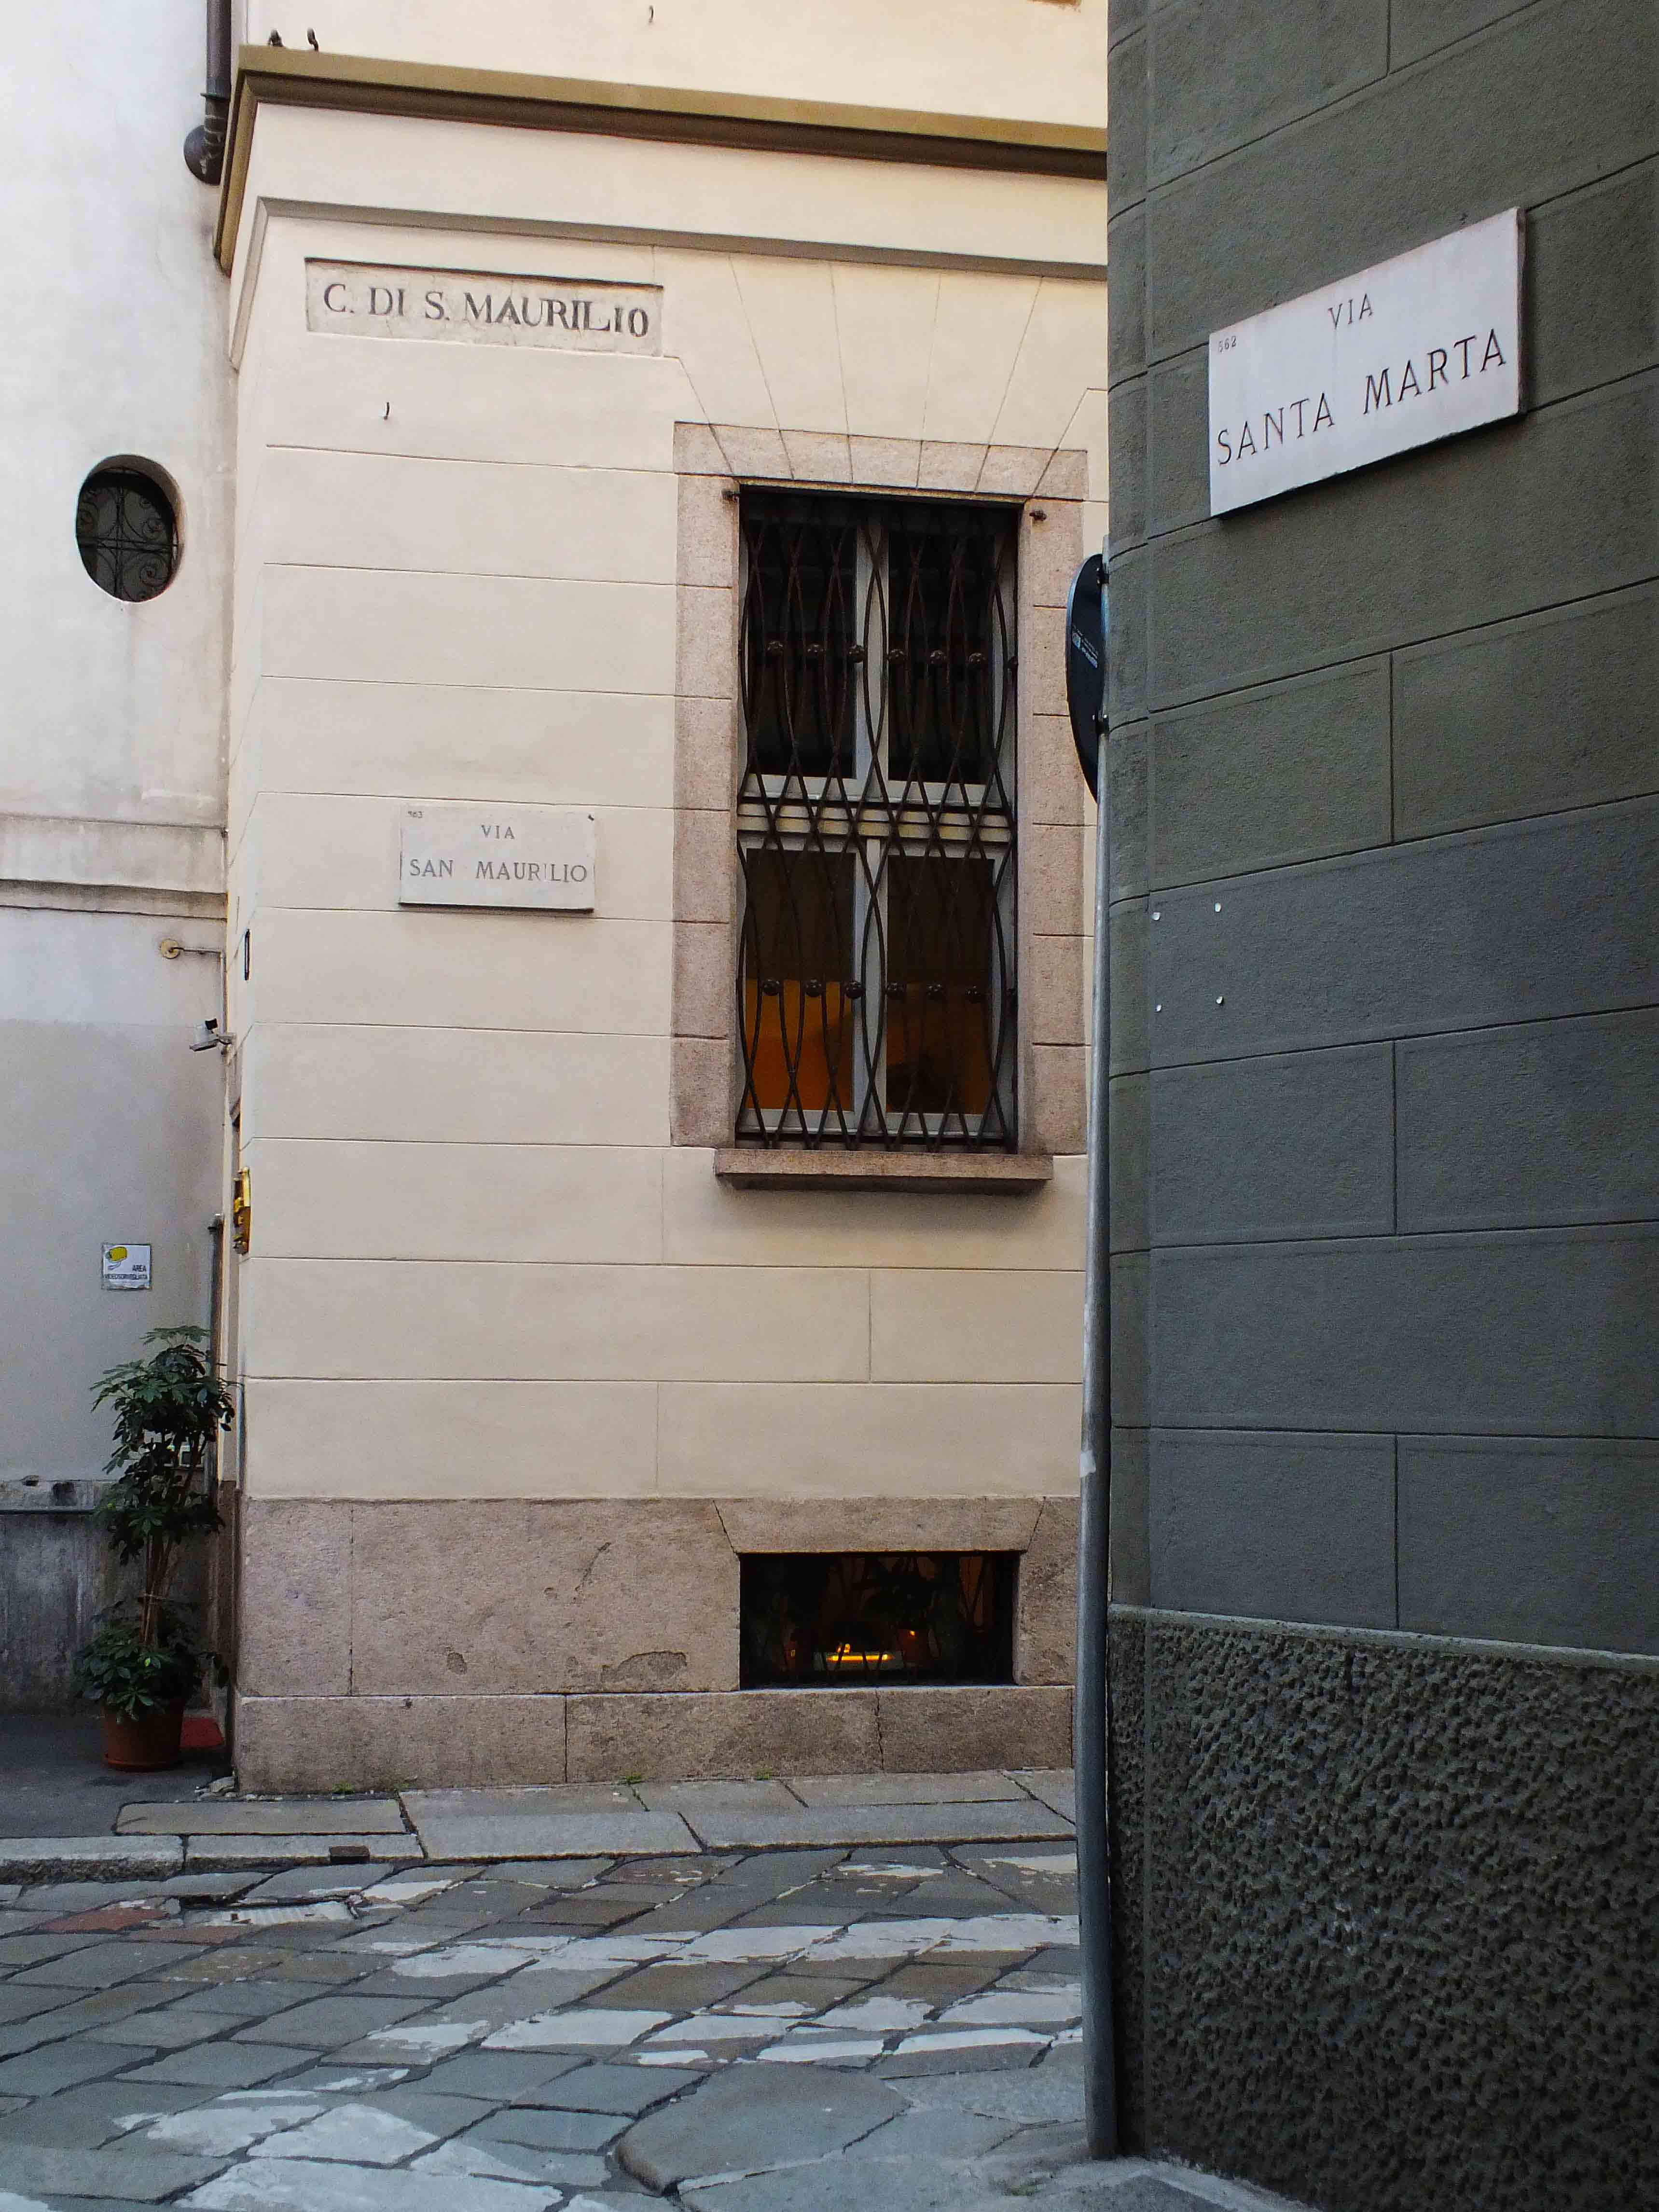 Via San Maurilio Milano 5vie art+design | itinerary | fuorisalone.it